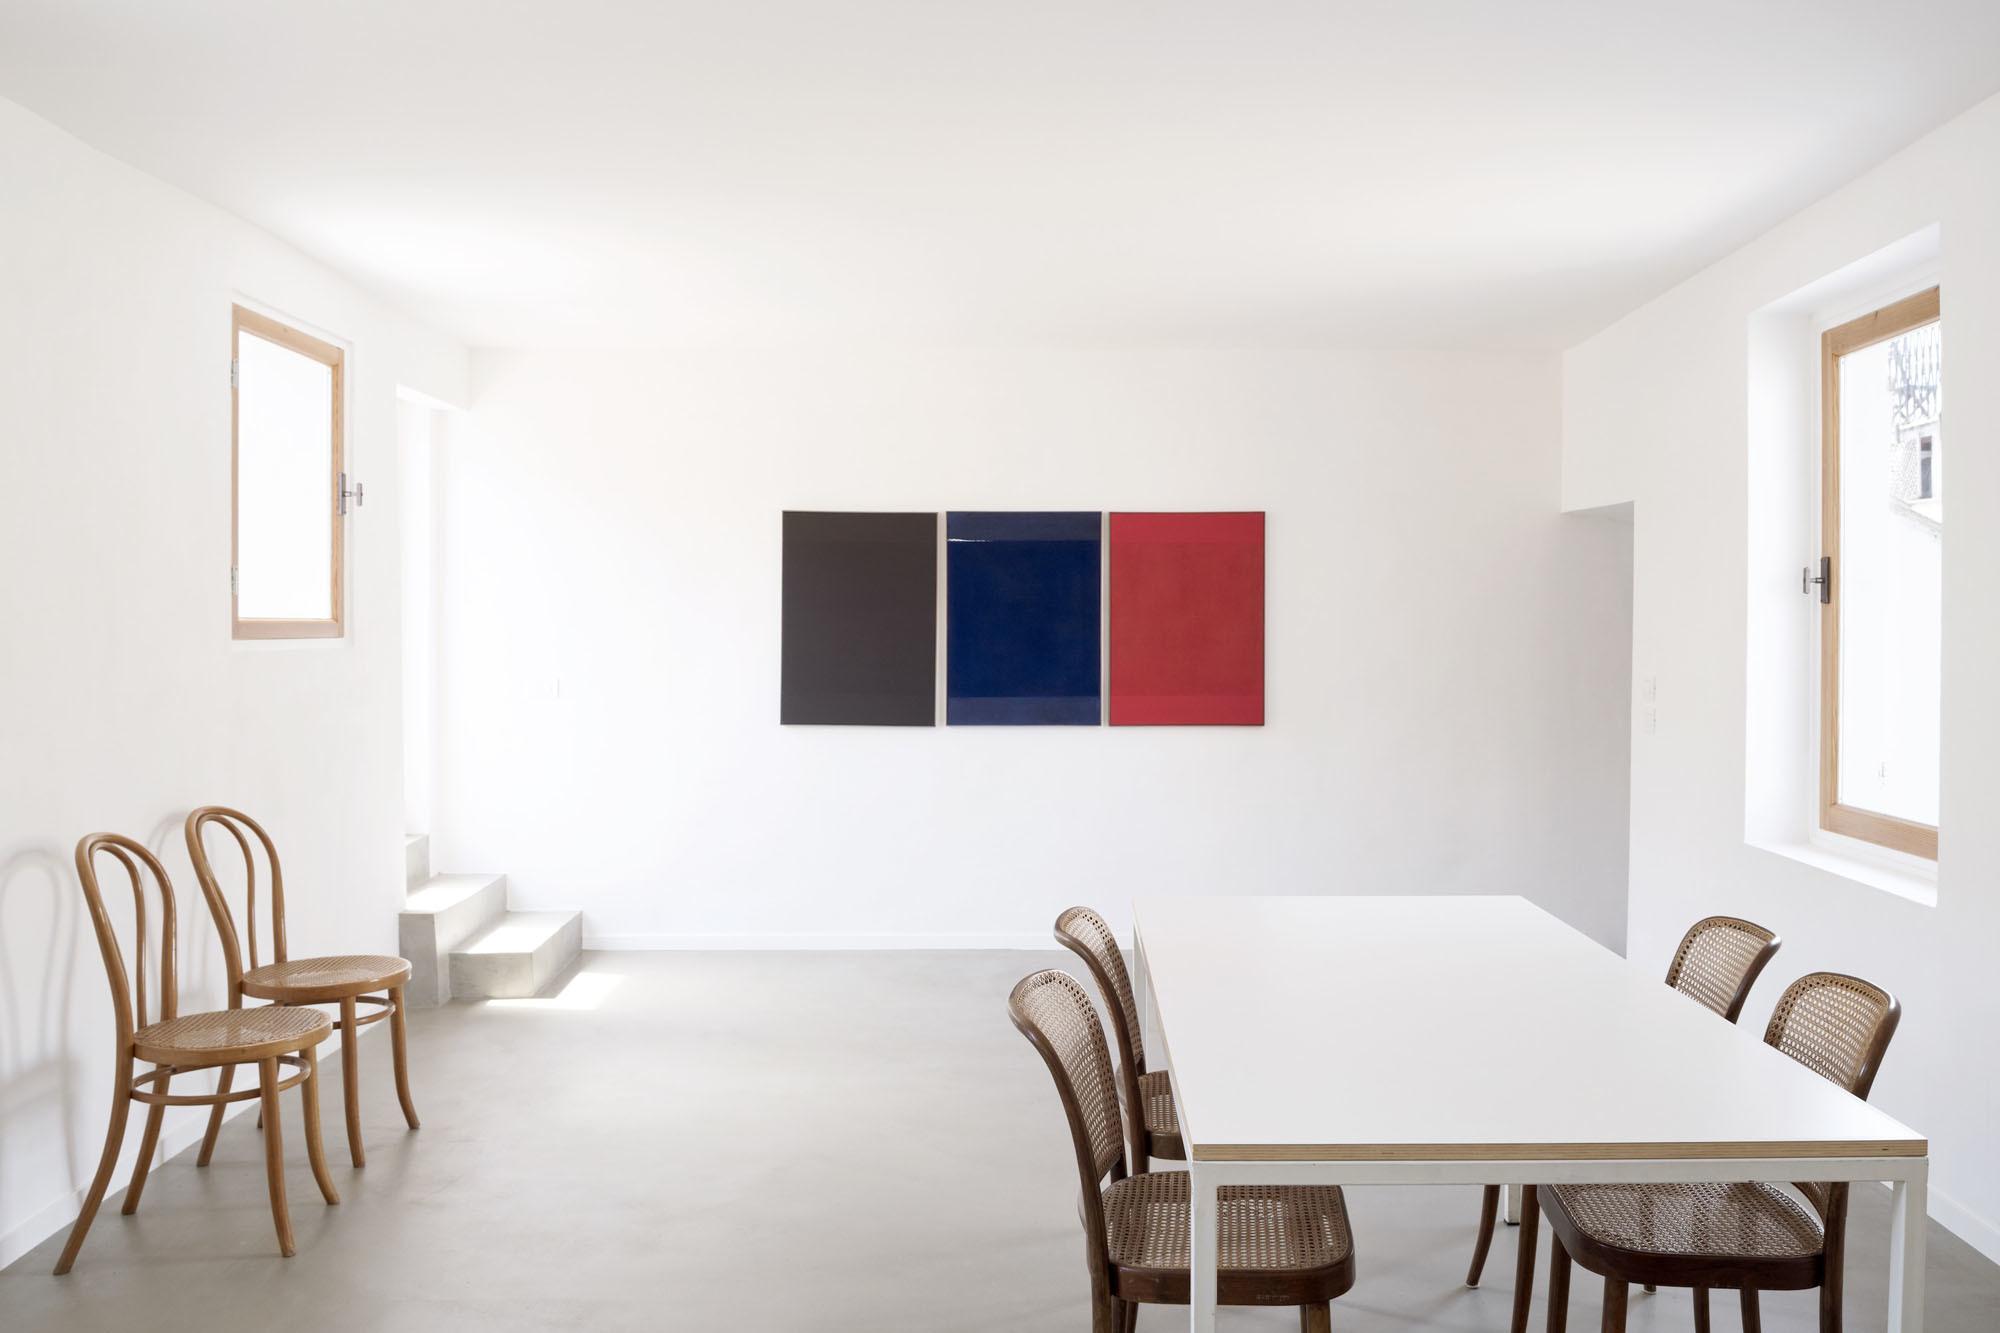 Um den Esstisch gruppieren sich Vintage-Thonet-Stühle, die im Antiquariat ÂGÉ erworben wurden. Das TriptychonUntitledstammt vonFerdinando Maffii.